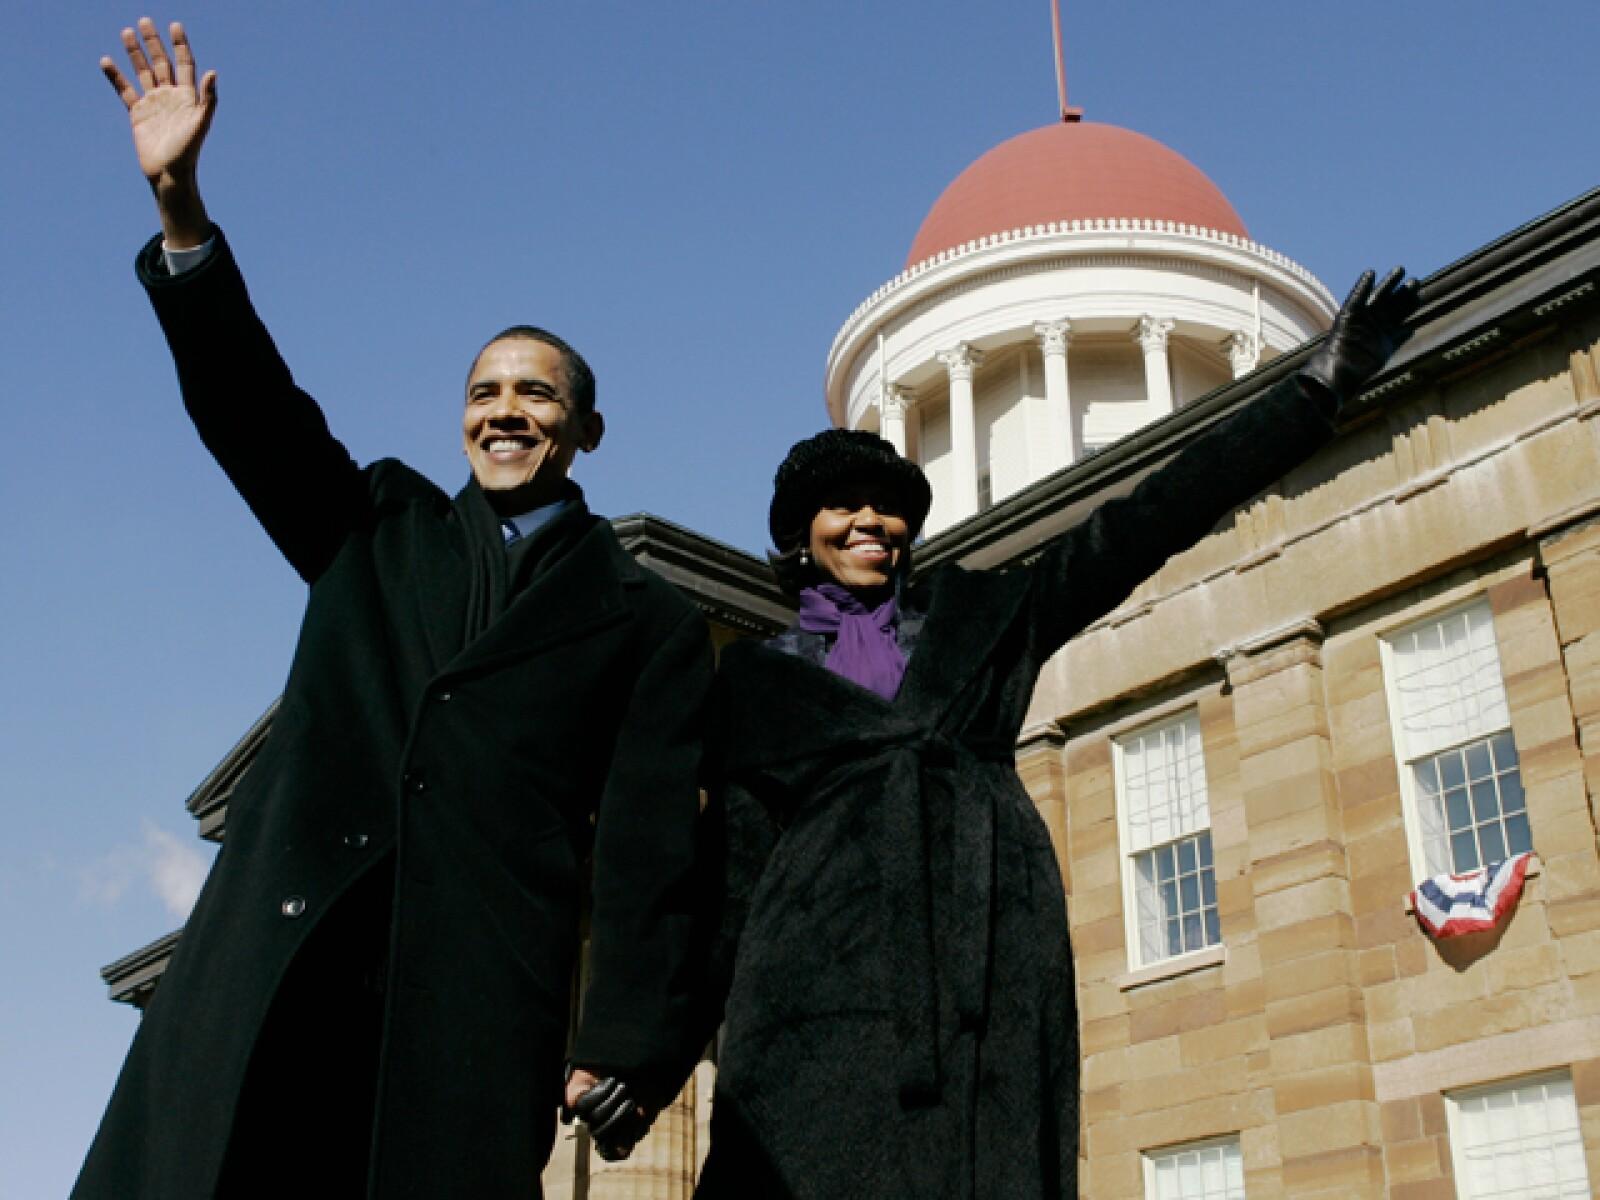 La pareja que reina desde la Casa Blanca, Michelle y Barack Obama sin duda han sabido hacer buen uso de su status, volviéndose incluso íconos de estilo al vestir.